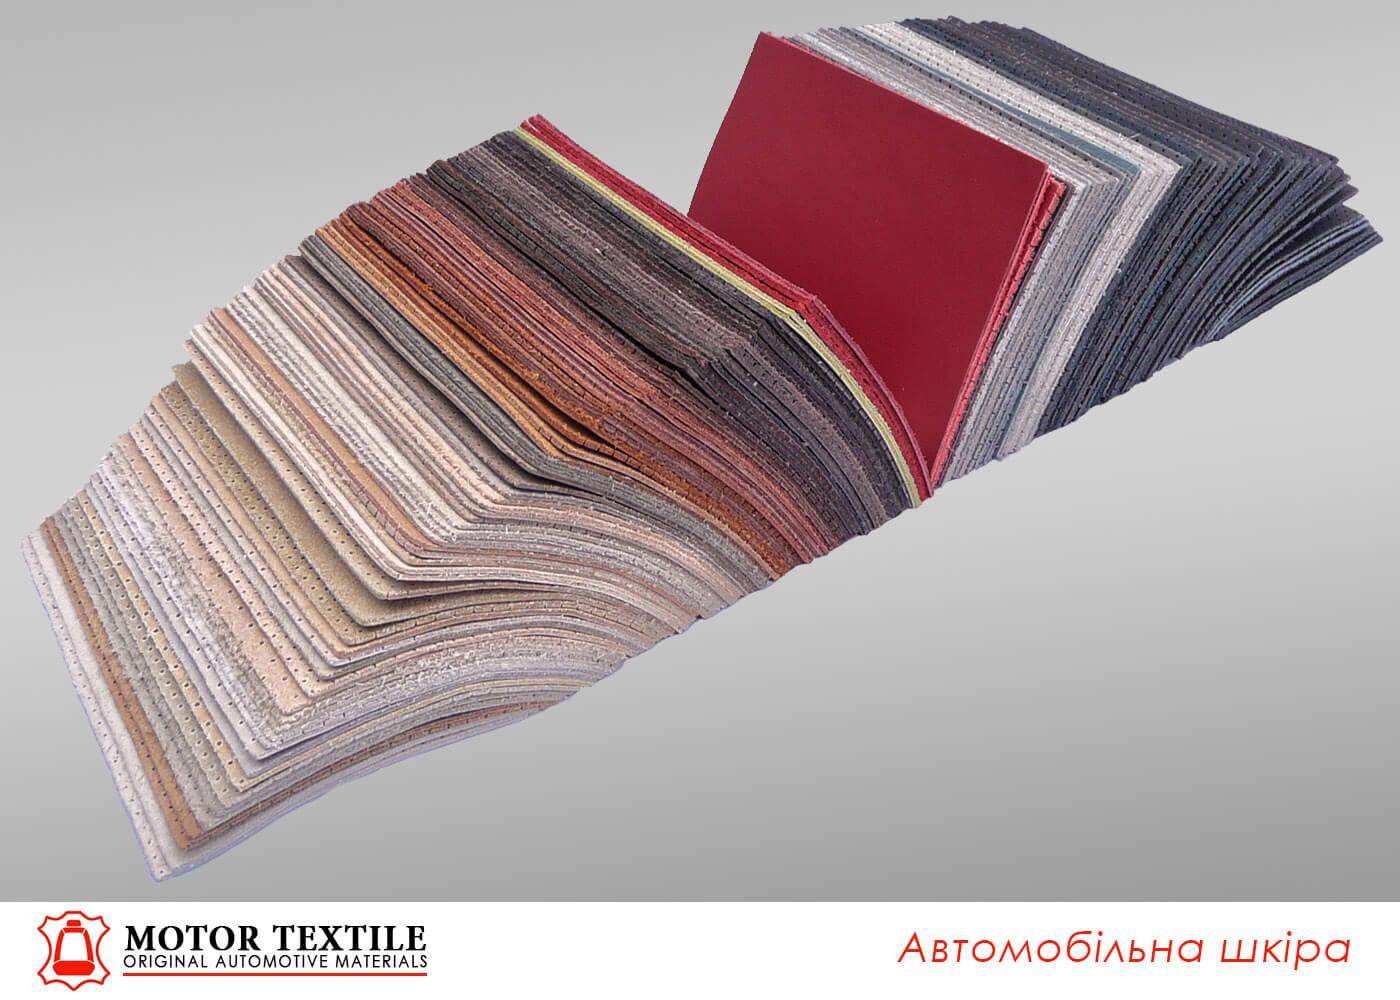 Автомобильная кожа компания Motor Textile -1